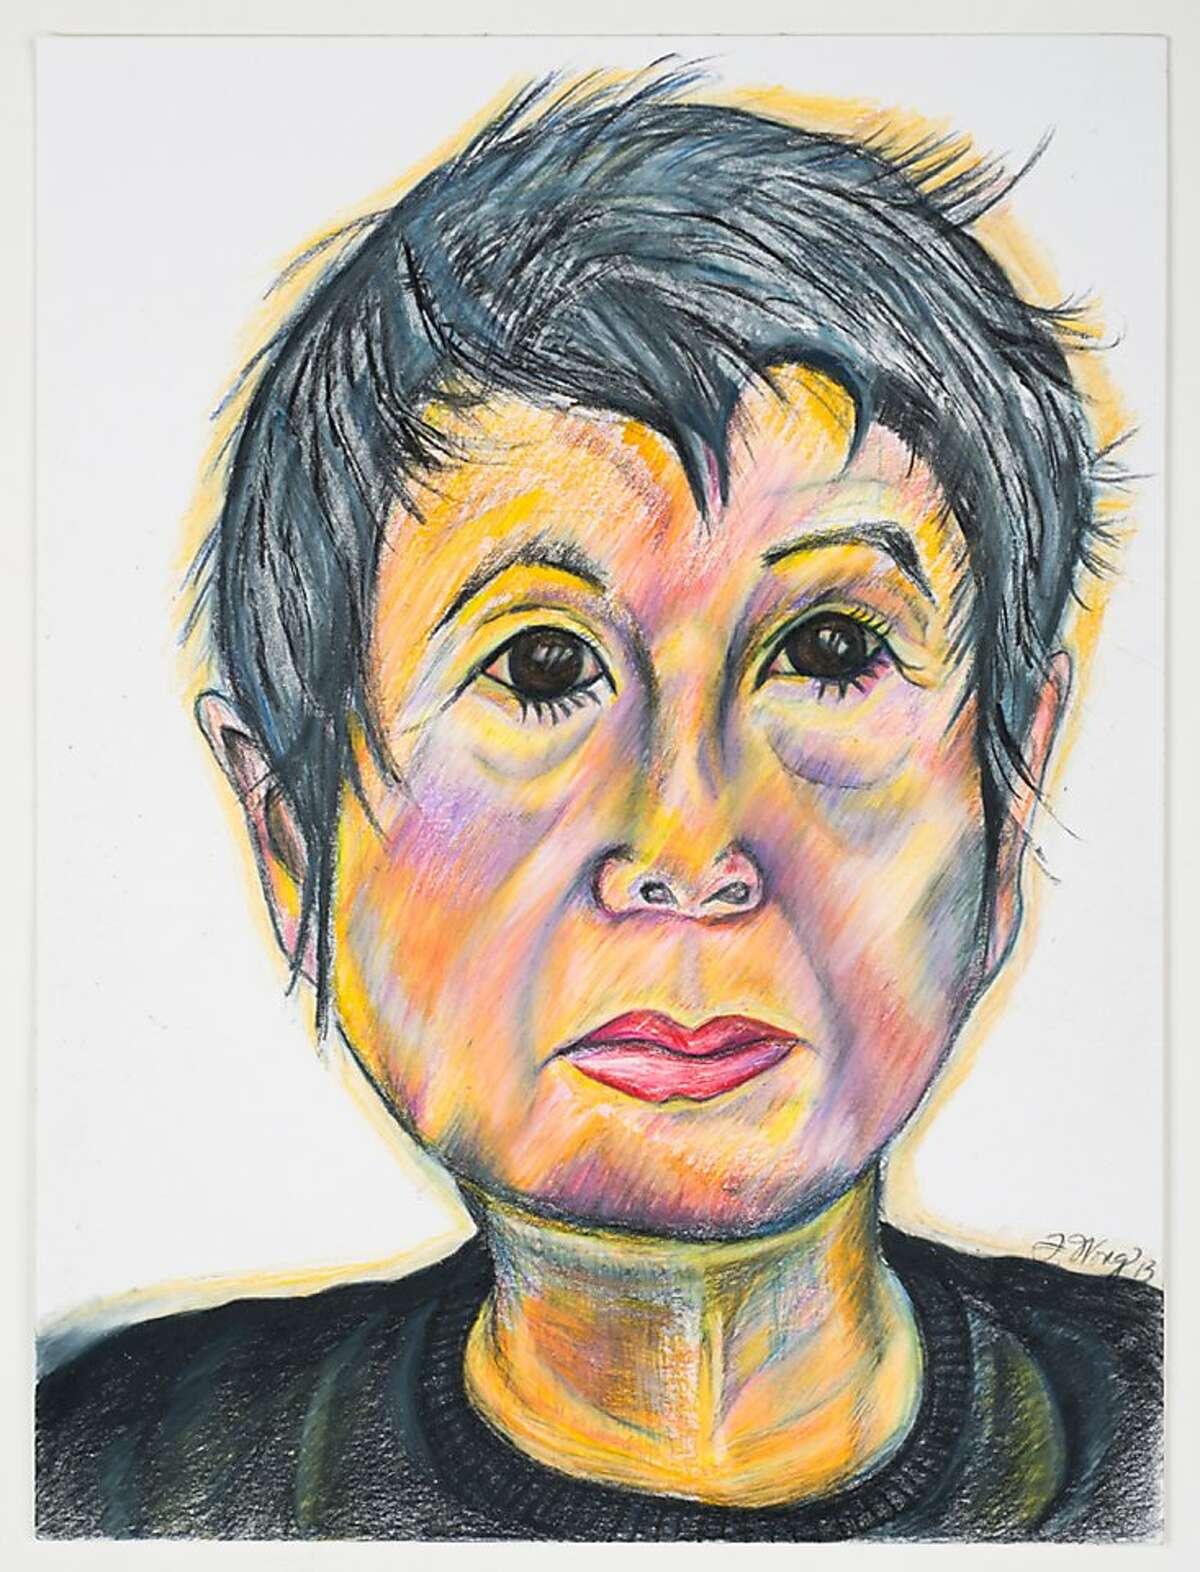 Flo Oy Wong's Self-portrait, 2013, 9